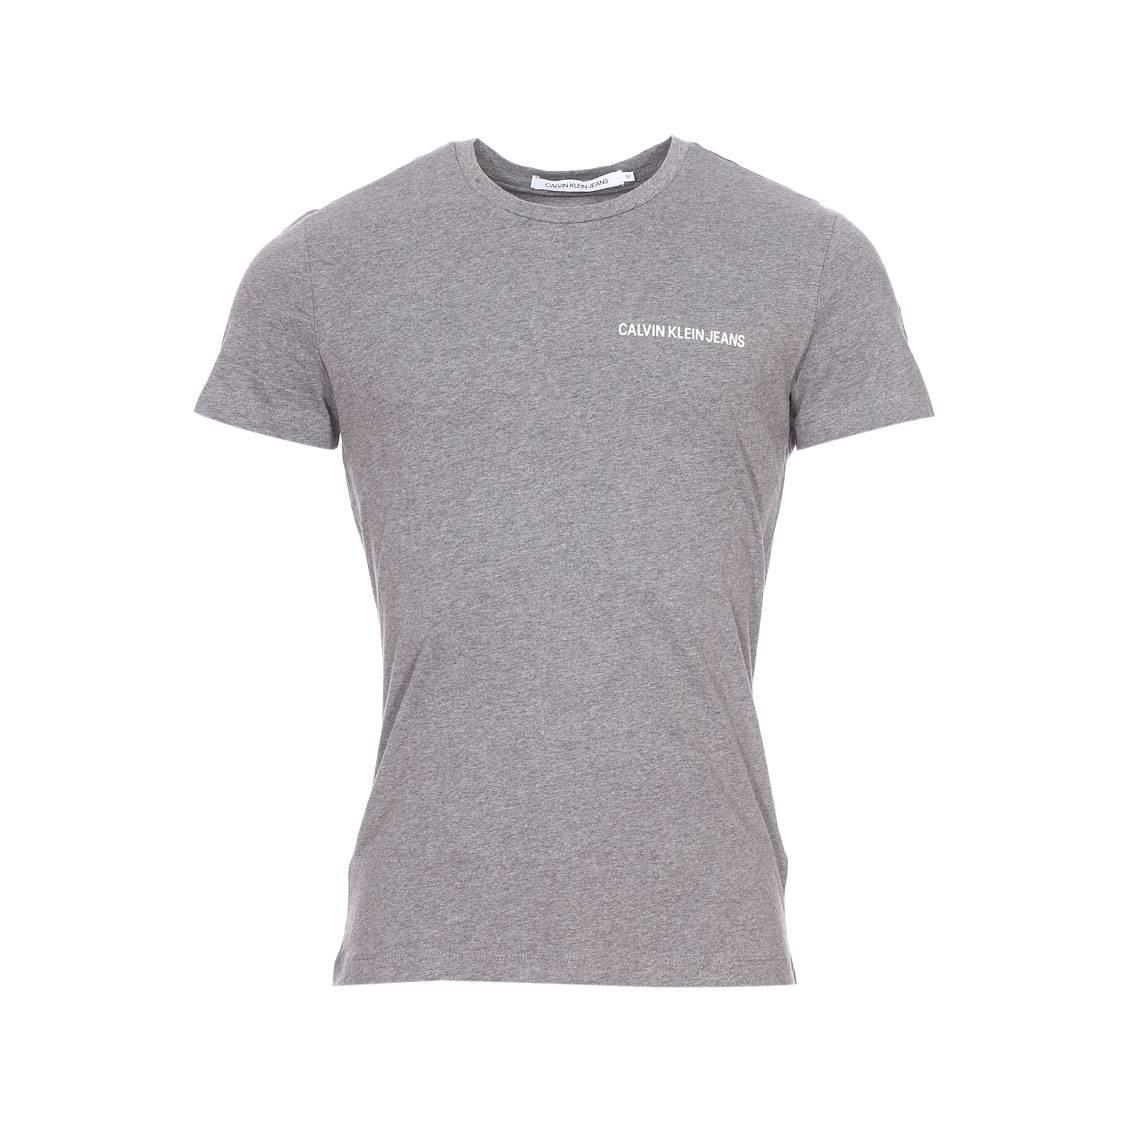 Tee-shirt col rond  chest institutional en coton gris chiné floqué en blanc